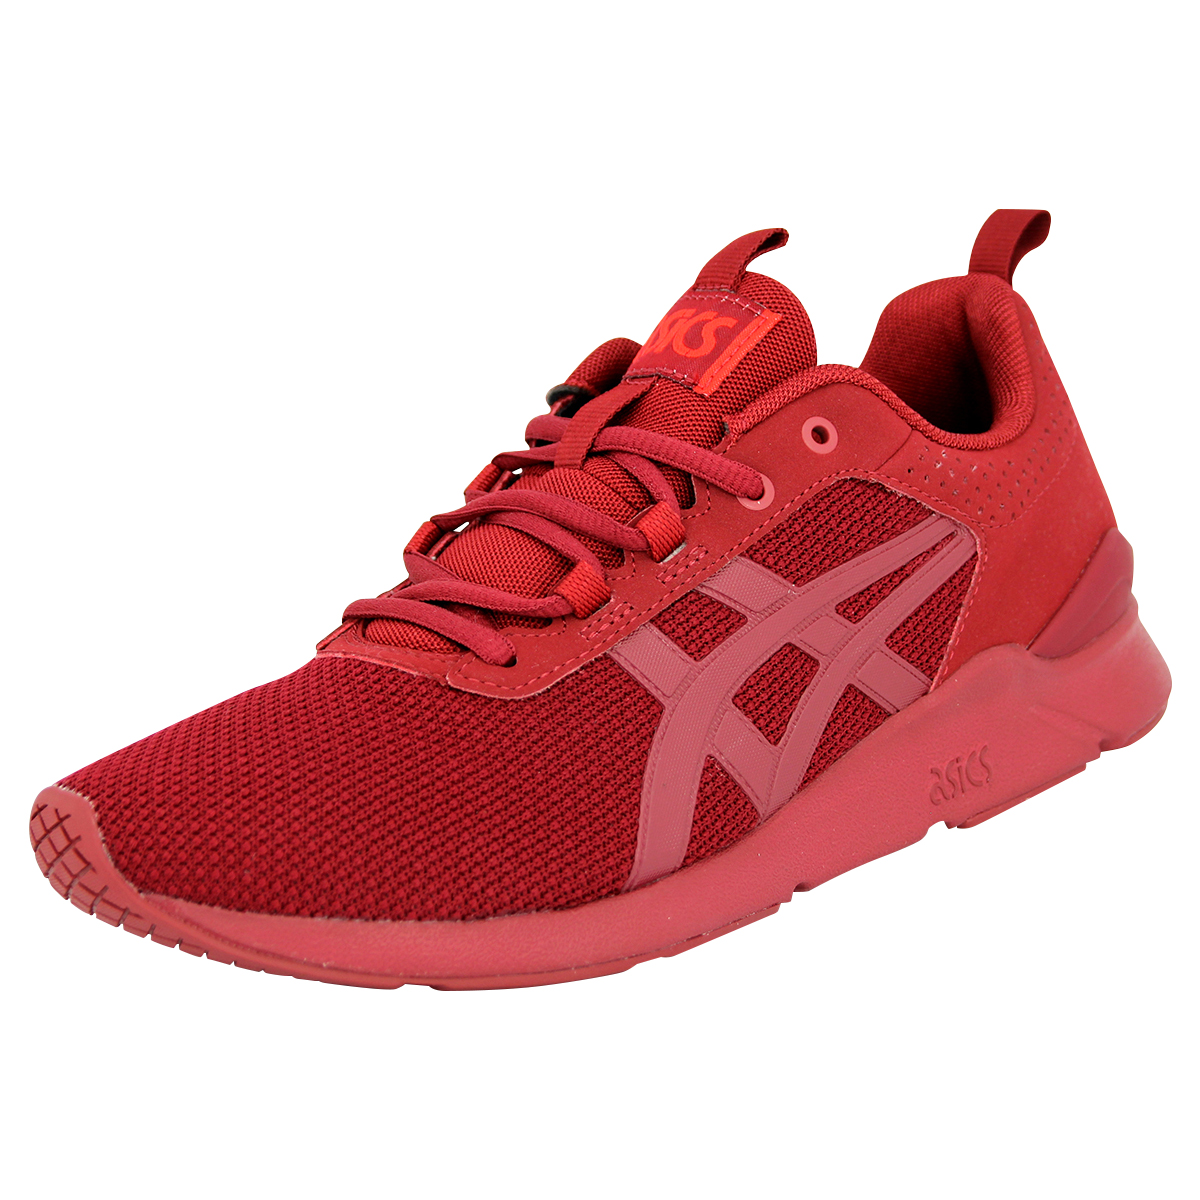 Asics HommeEbay Runner Gel Sneakers Chaussures Mode Lyte rWBoQEdCex